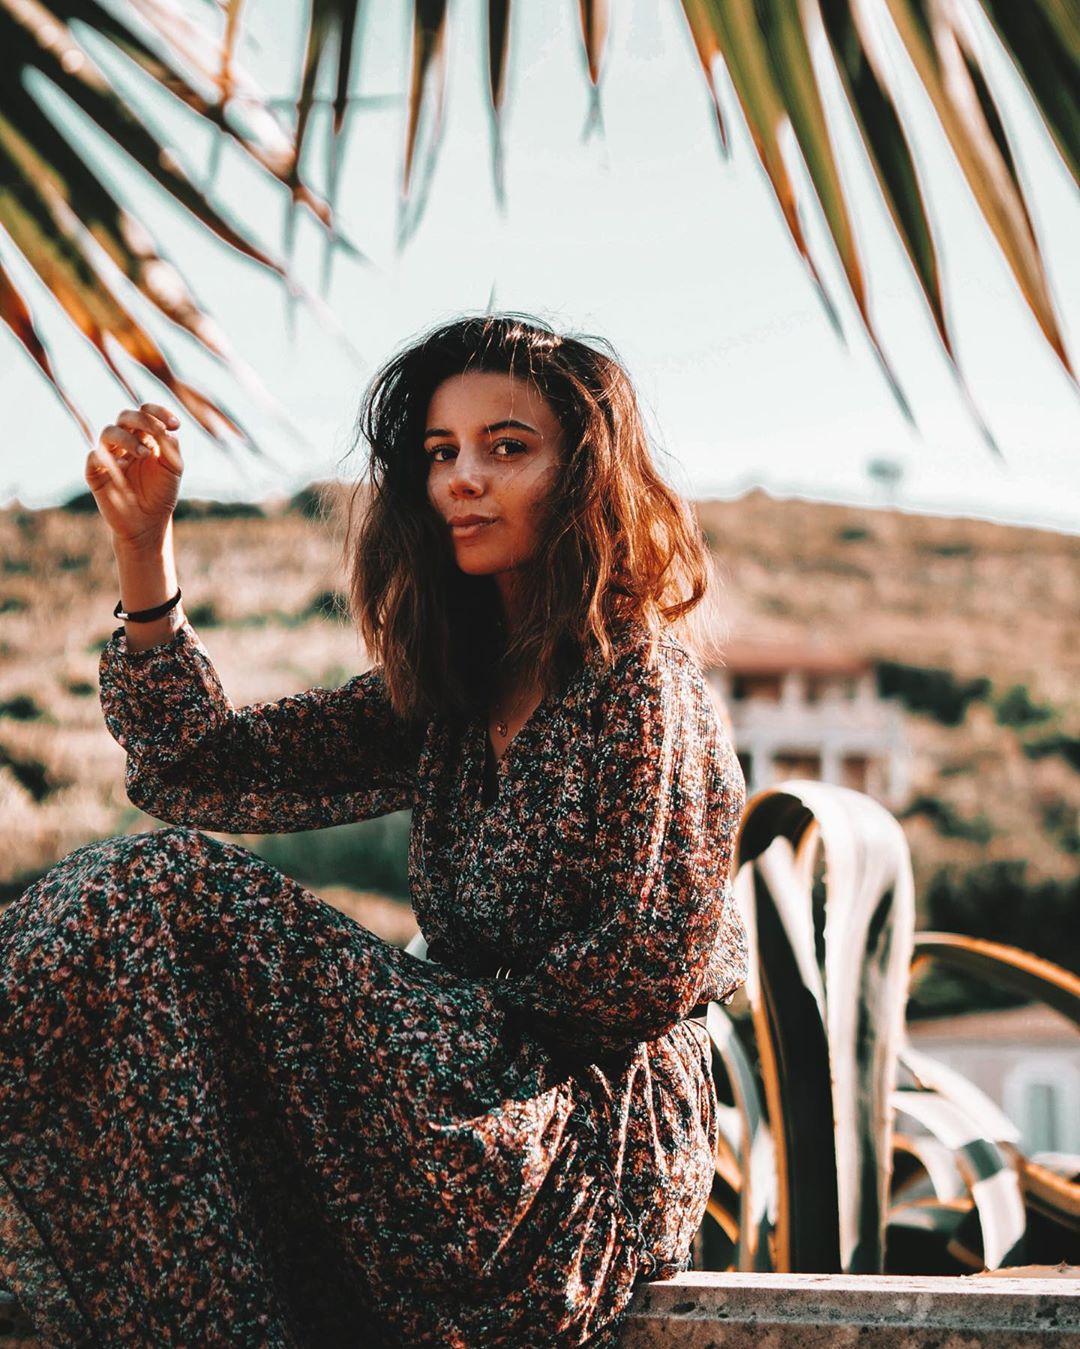 Hija de Alizée sorprende por su gran parecido a la cantante